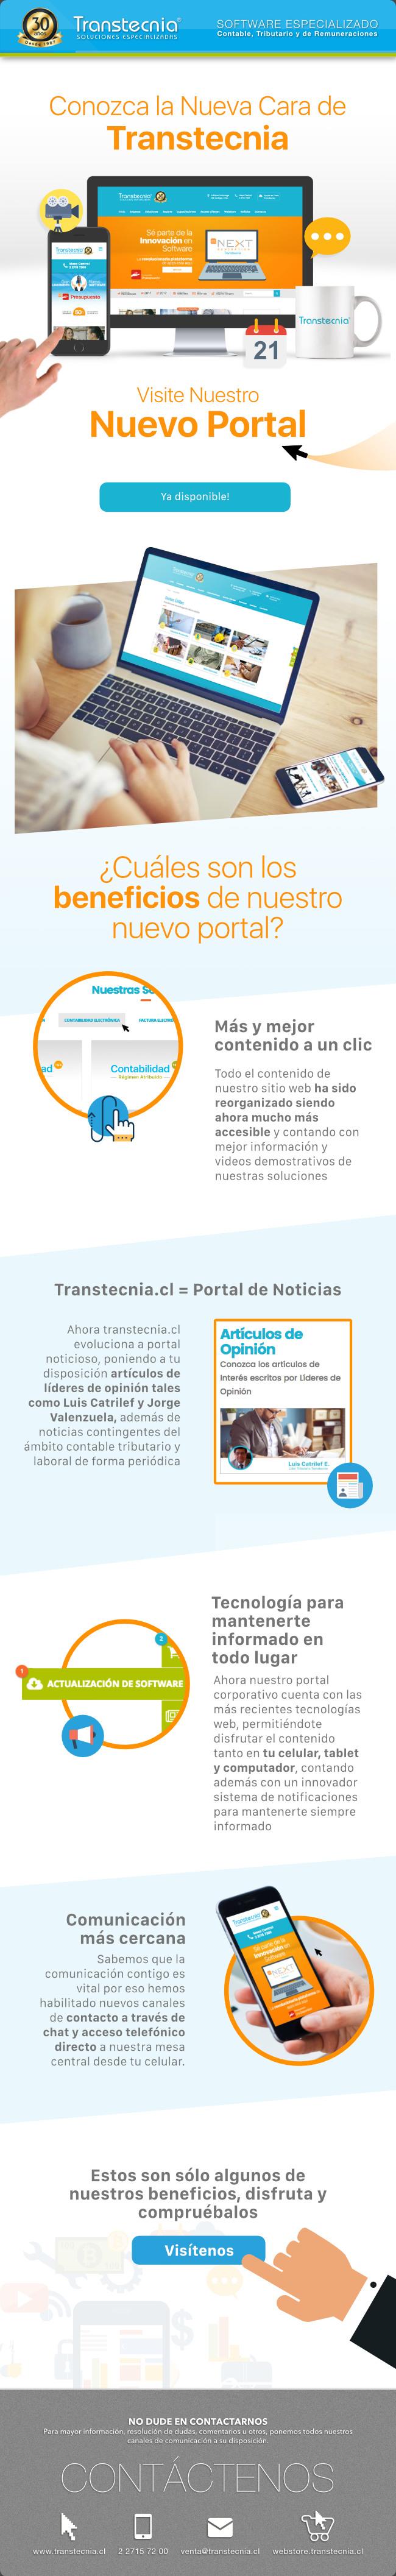 Conozca la nueva cara de Transtecnia. Visite nuestro nuevo Portal. www.transtecnia.cl